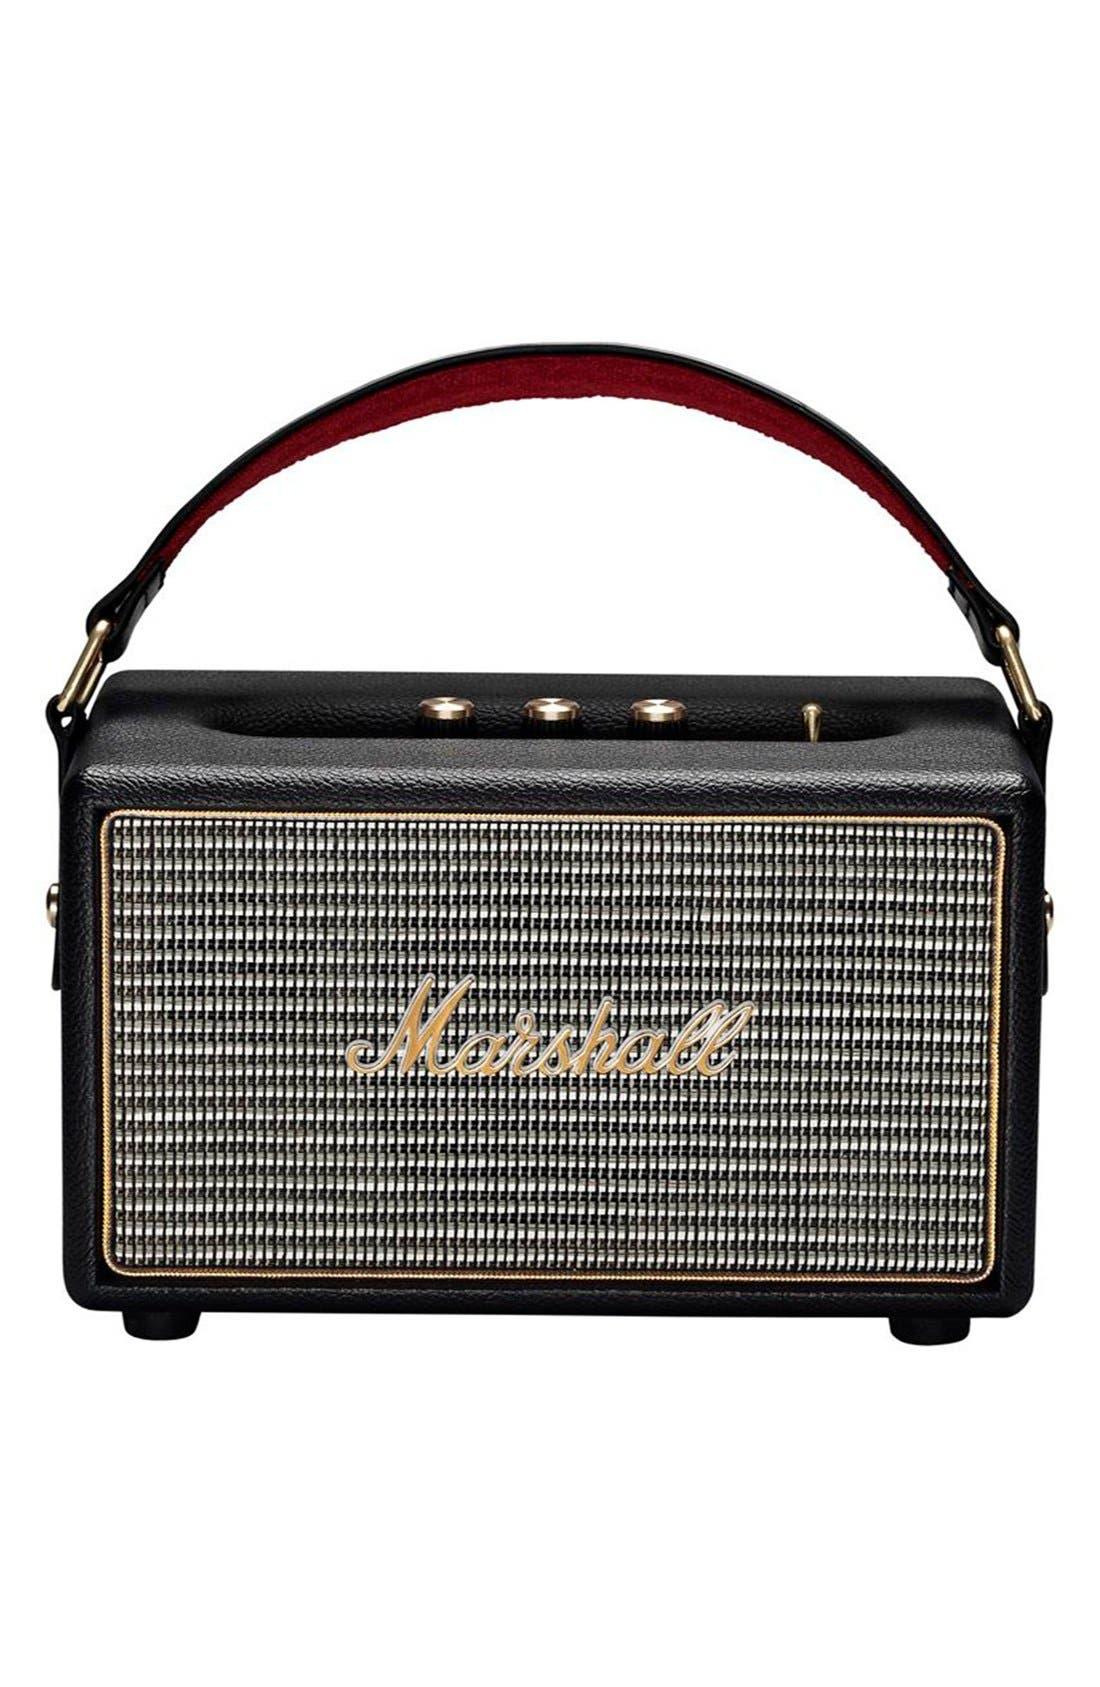 Alternate Image 1 Selected - Marshall 'Kilburn' Bluetooth® Speaker